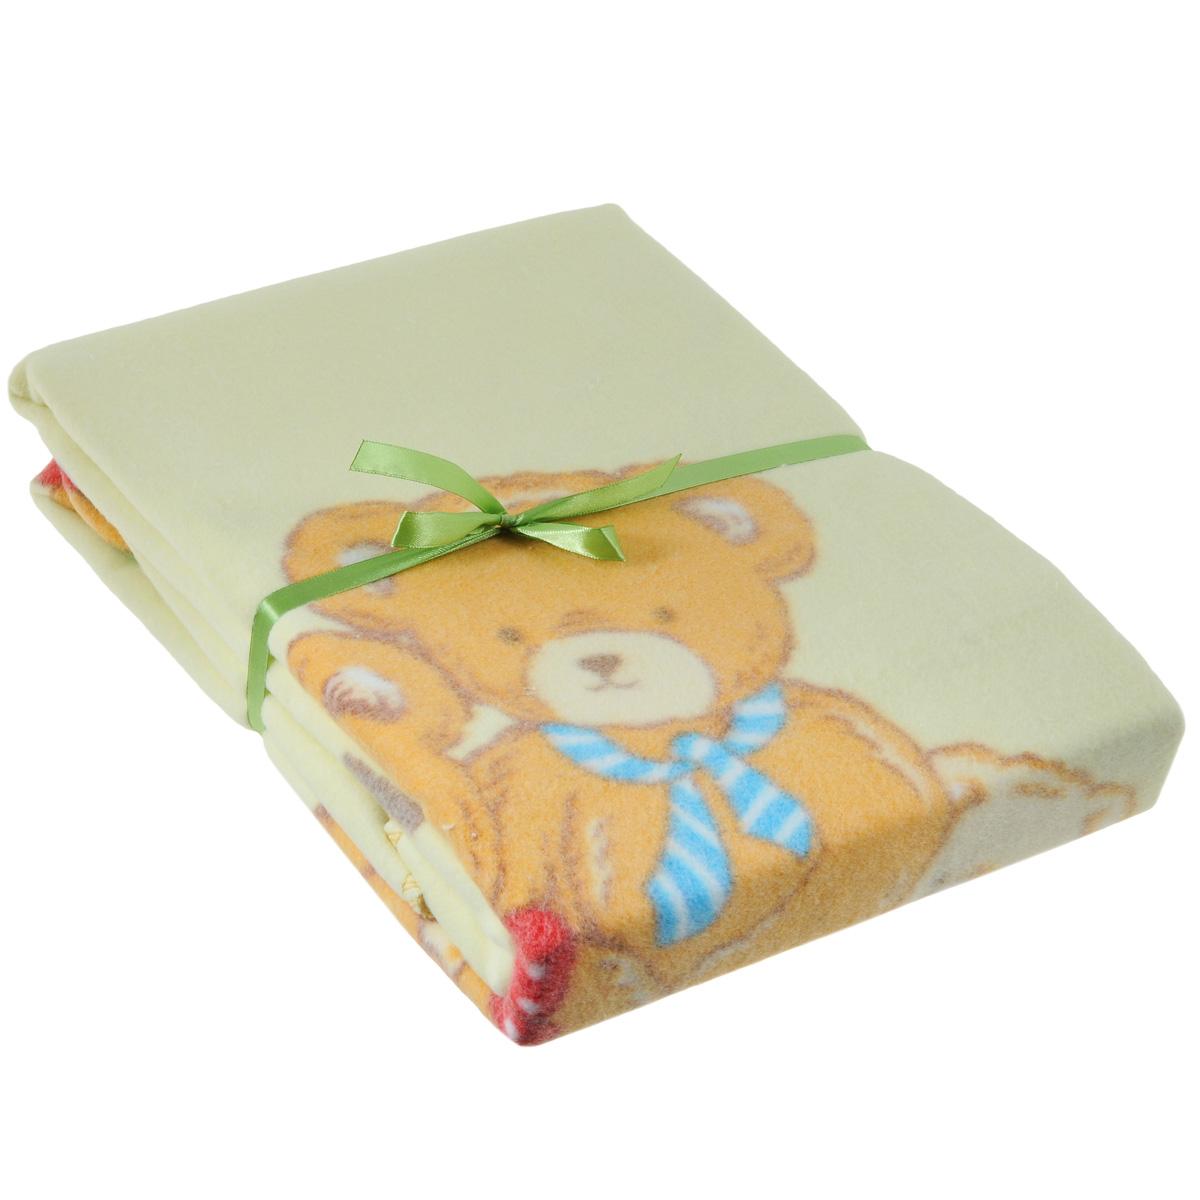 Одеяло детское Baby Nice Семейство медвежат, байковое, цвет: бежевый, 100 см x 140 смD311511